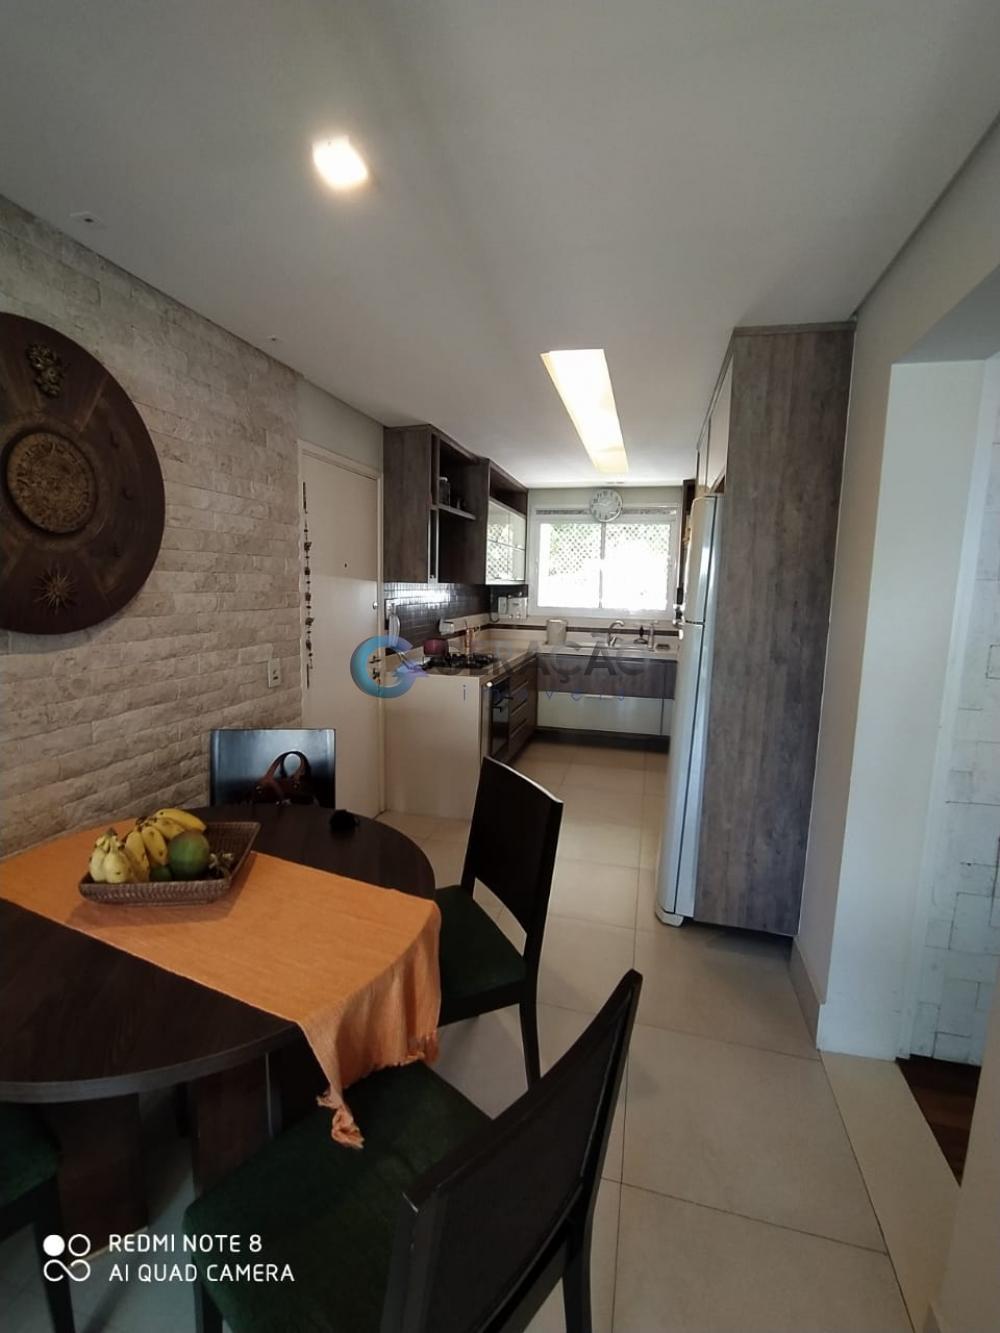 Comprar Apartamento / Padrão em São José dos Campos R$ 1.650.000,00 - Foto 5